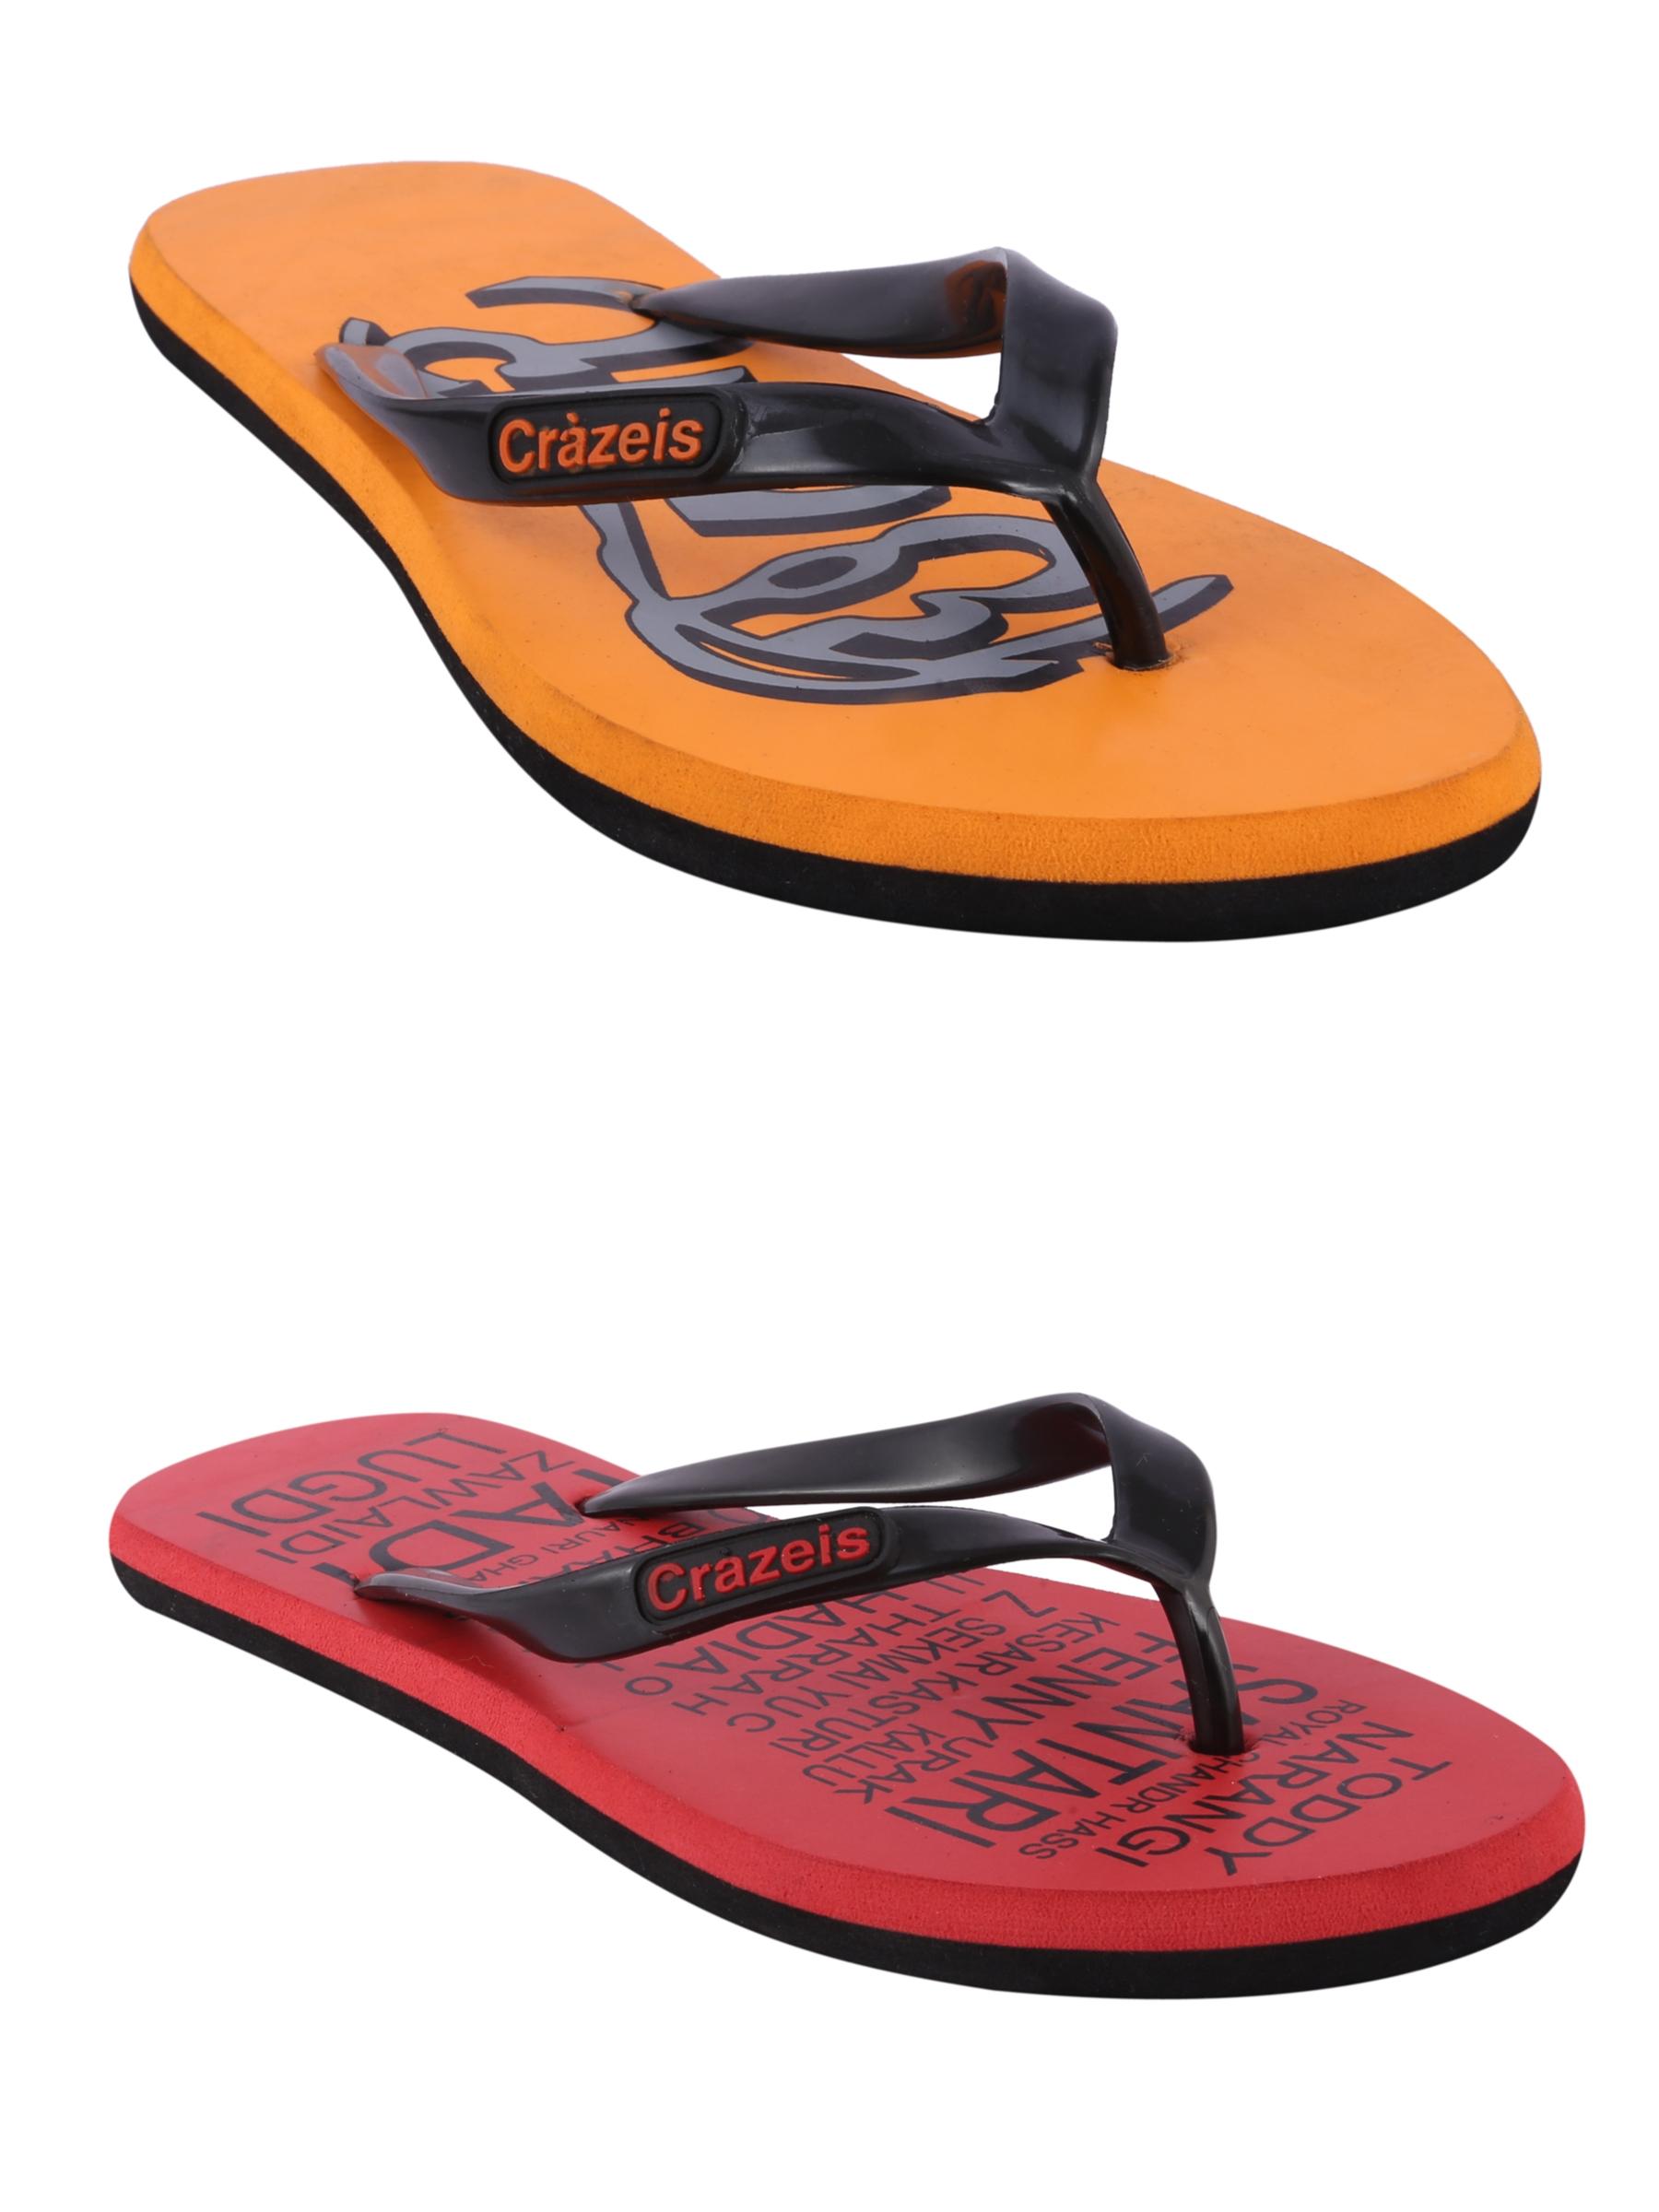 crazeis2 Crazeis Flip-flops Pack Of 2 For Men-017